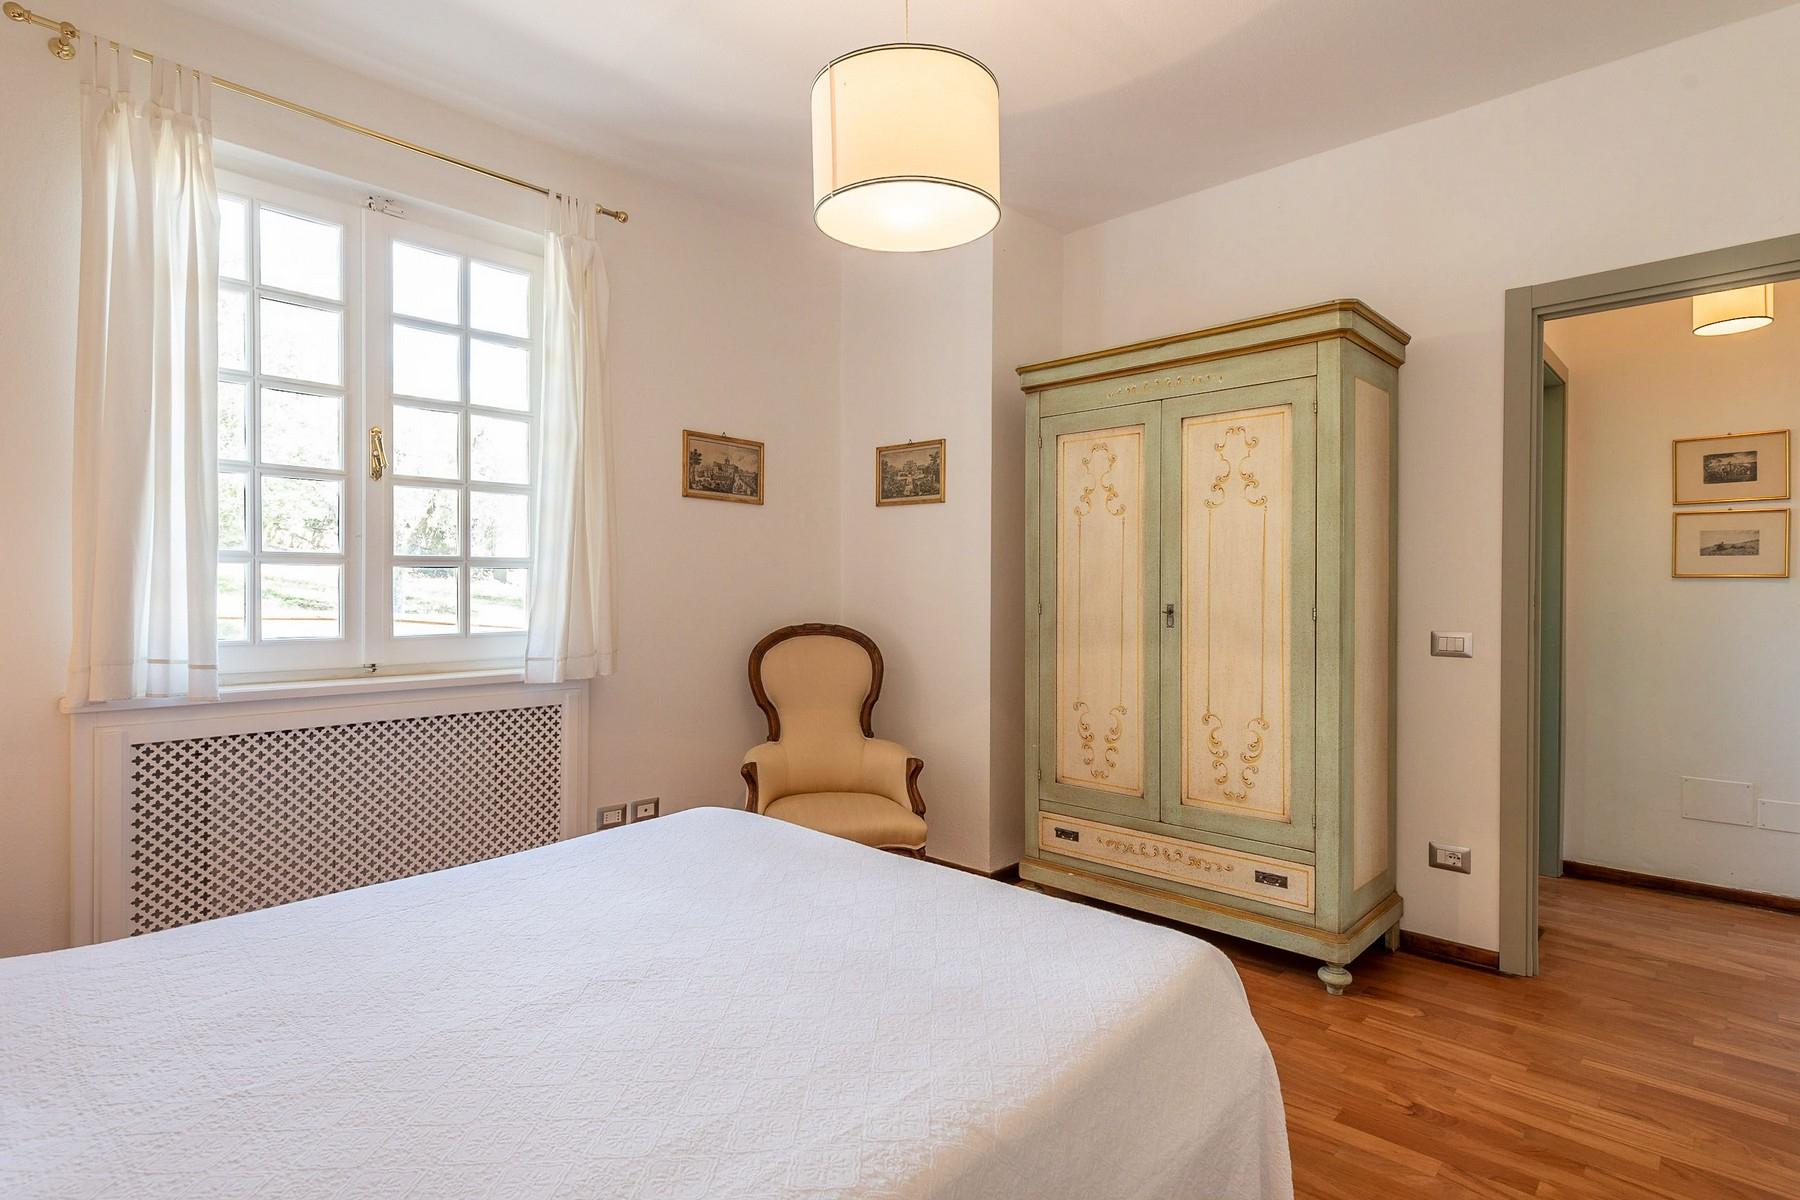 Villa in Vendita a Castiglione Della Pescaia: 5 locali, 310 mq - Foto 24